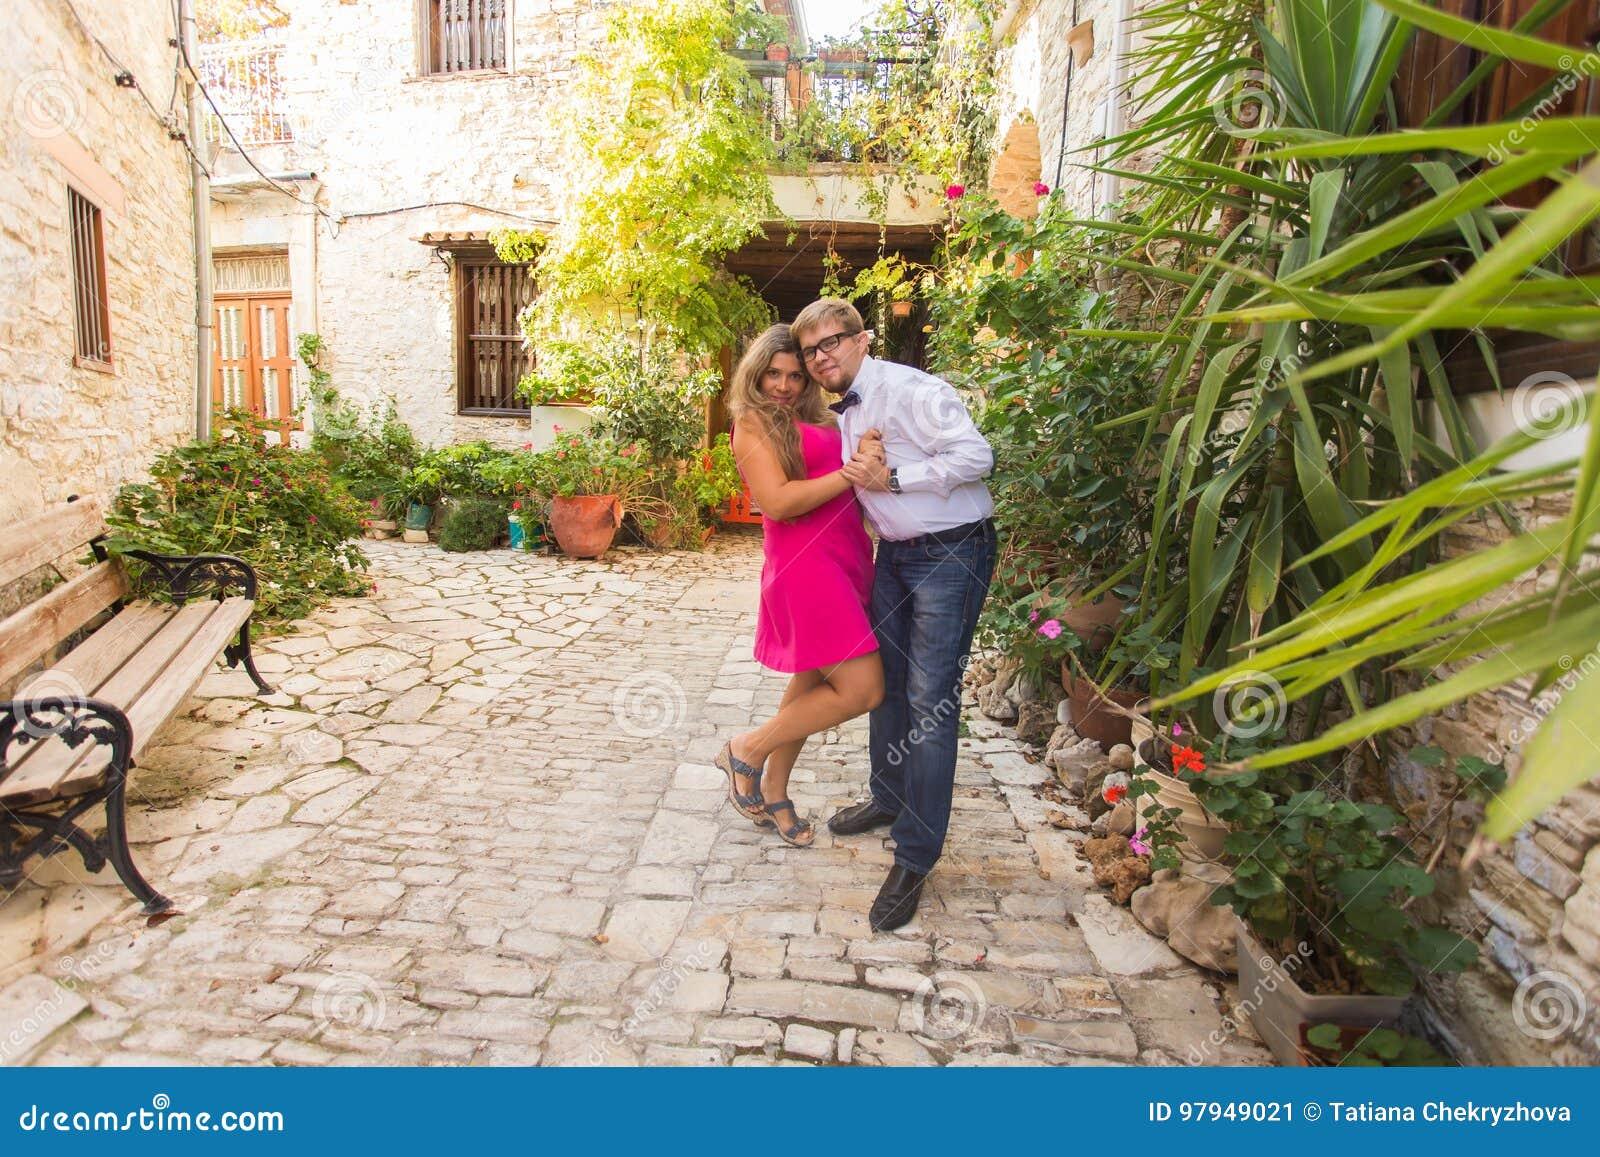 Grappig paar van vrij jonge vrouw met lang blondehaar en blije knappe kerel die pret hebben openlucht Vreugde, geluk